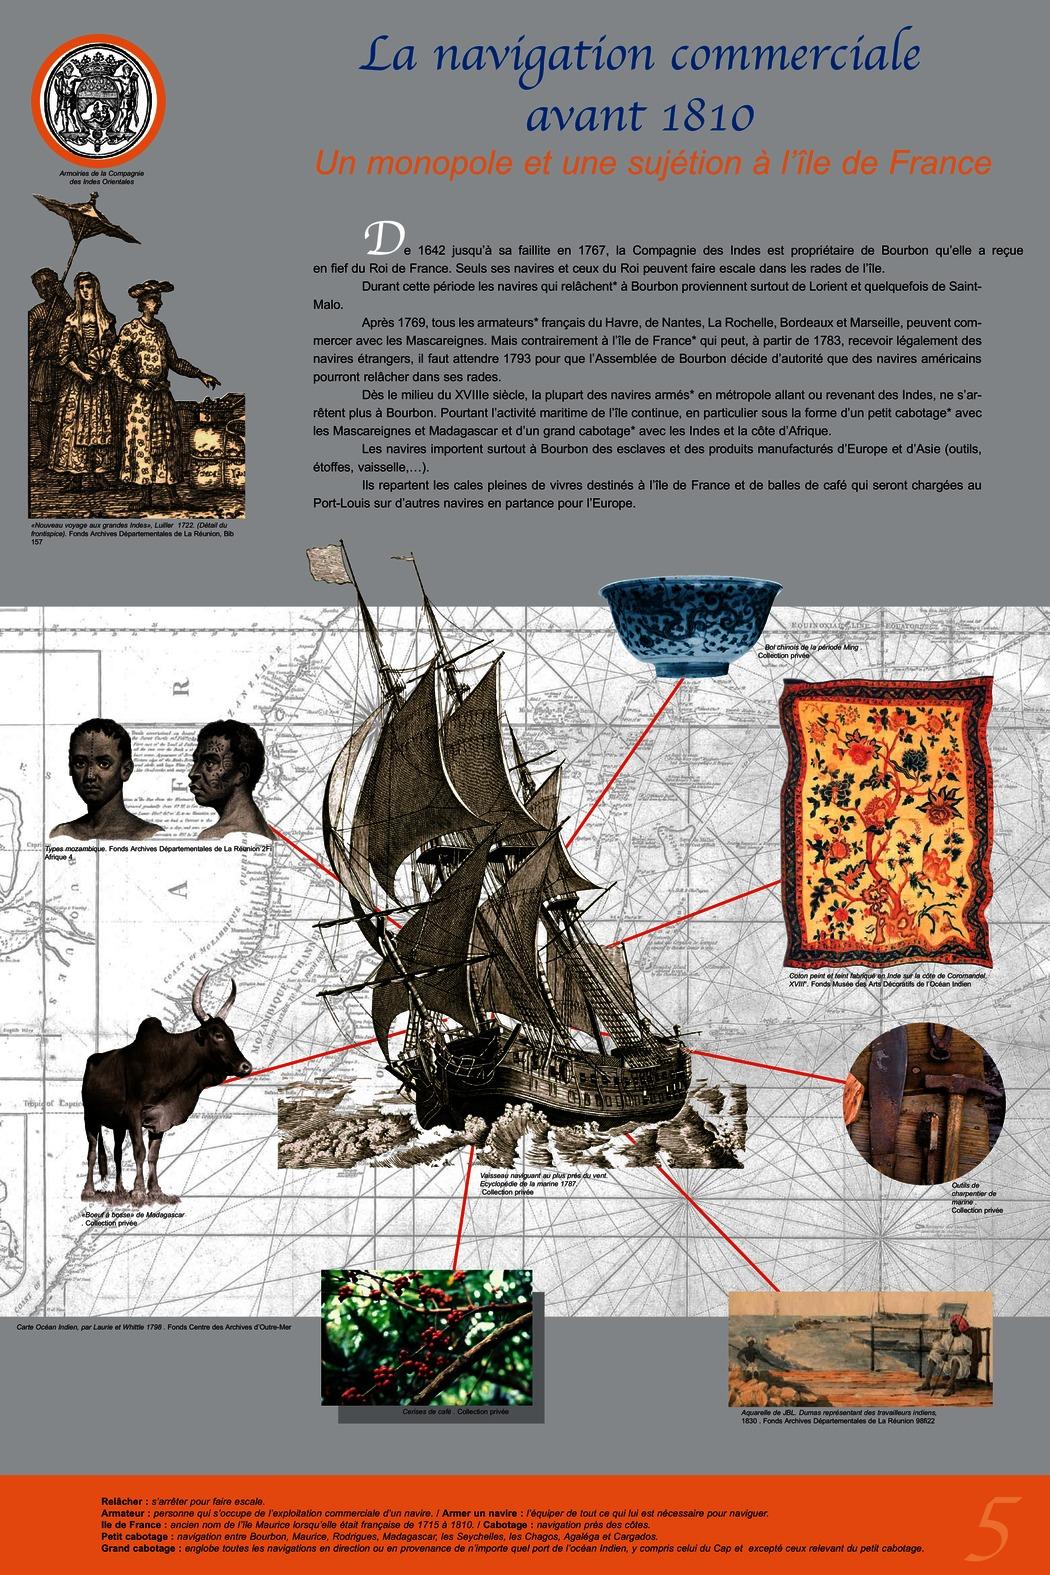 La navigation commerciale avant 1810